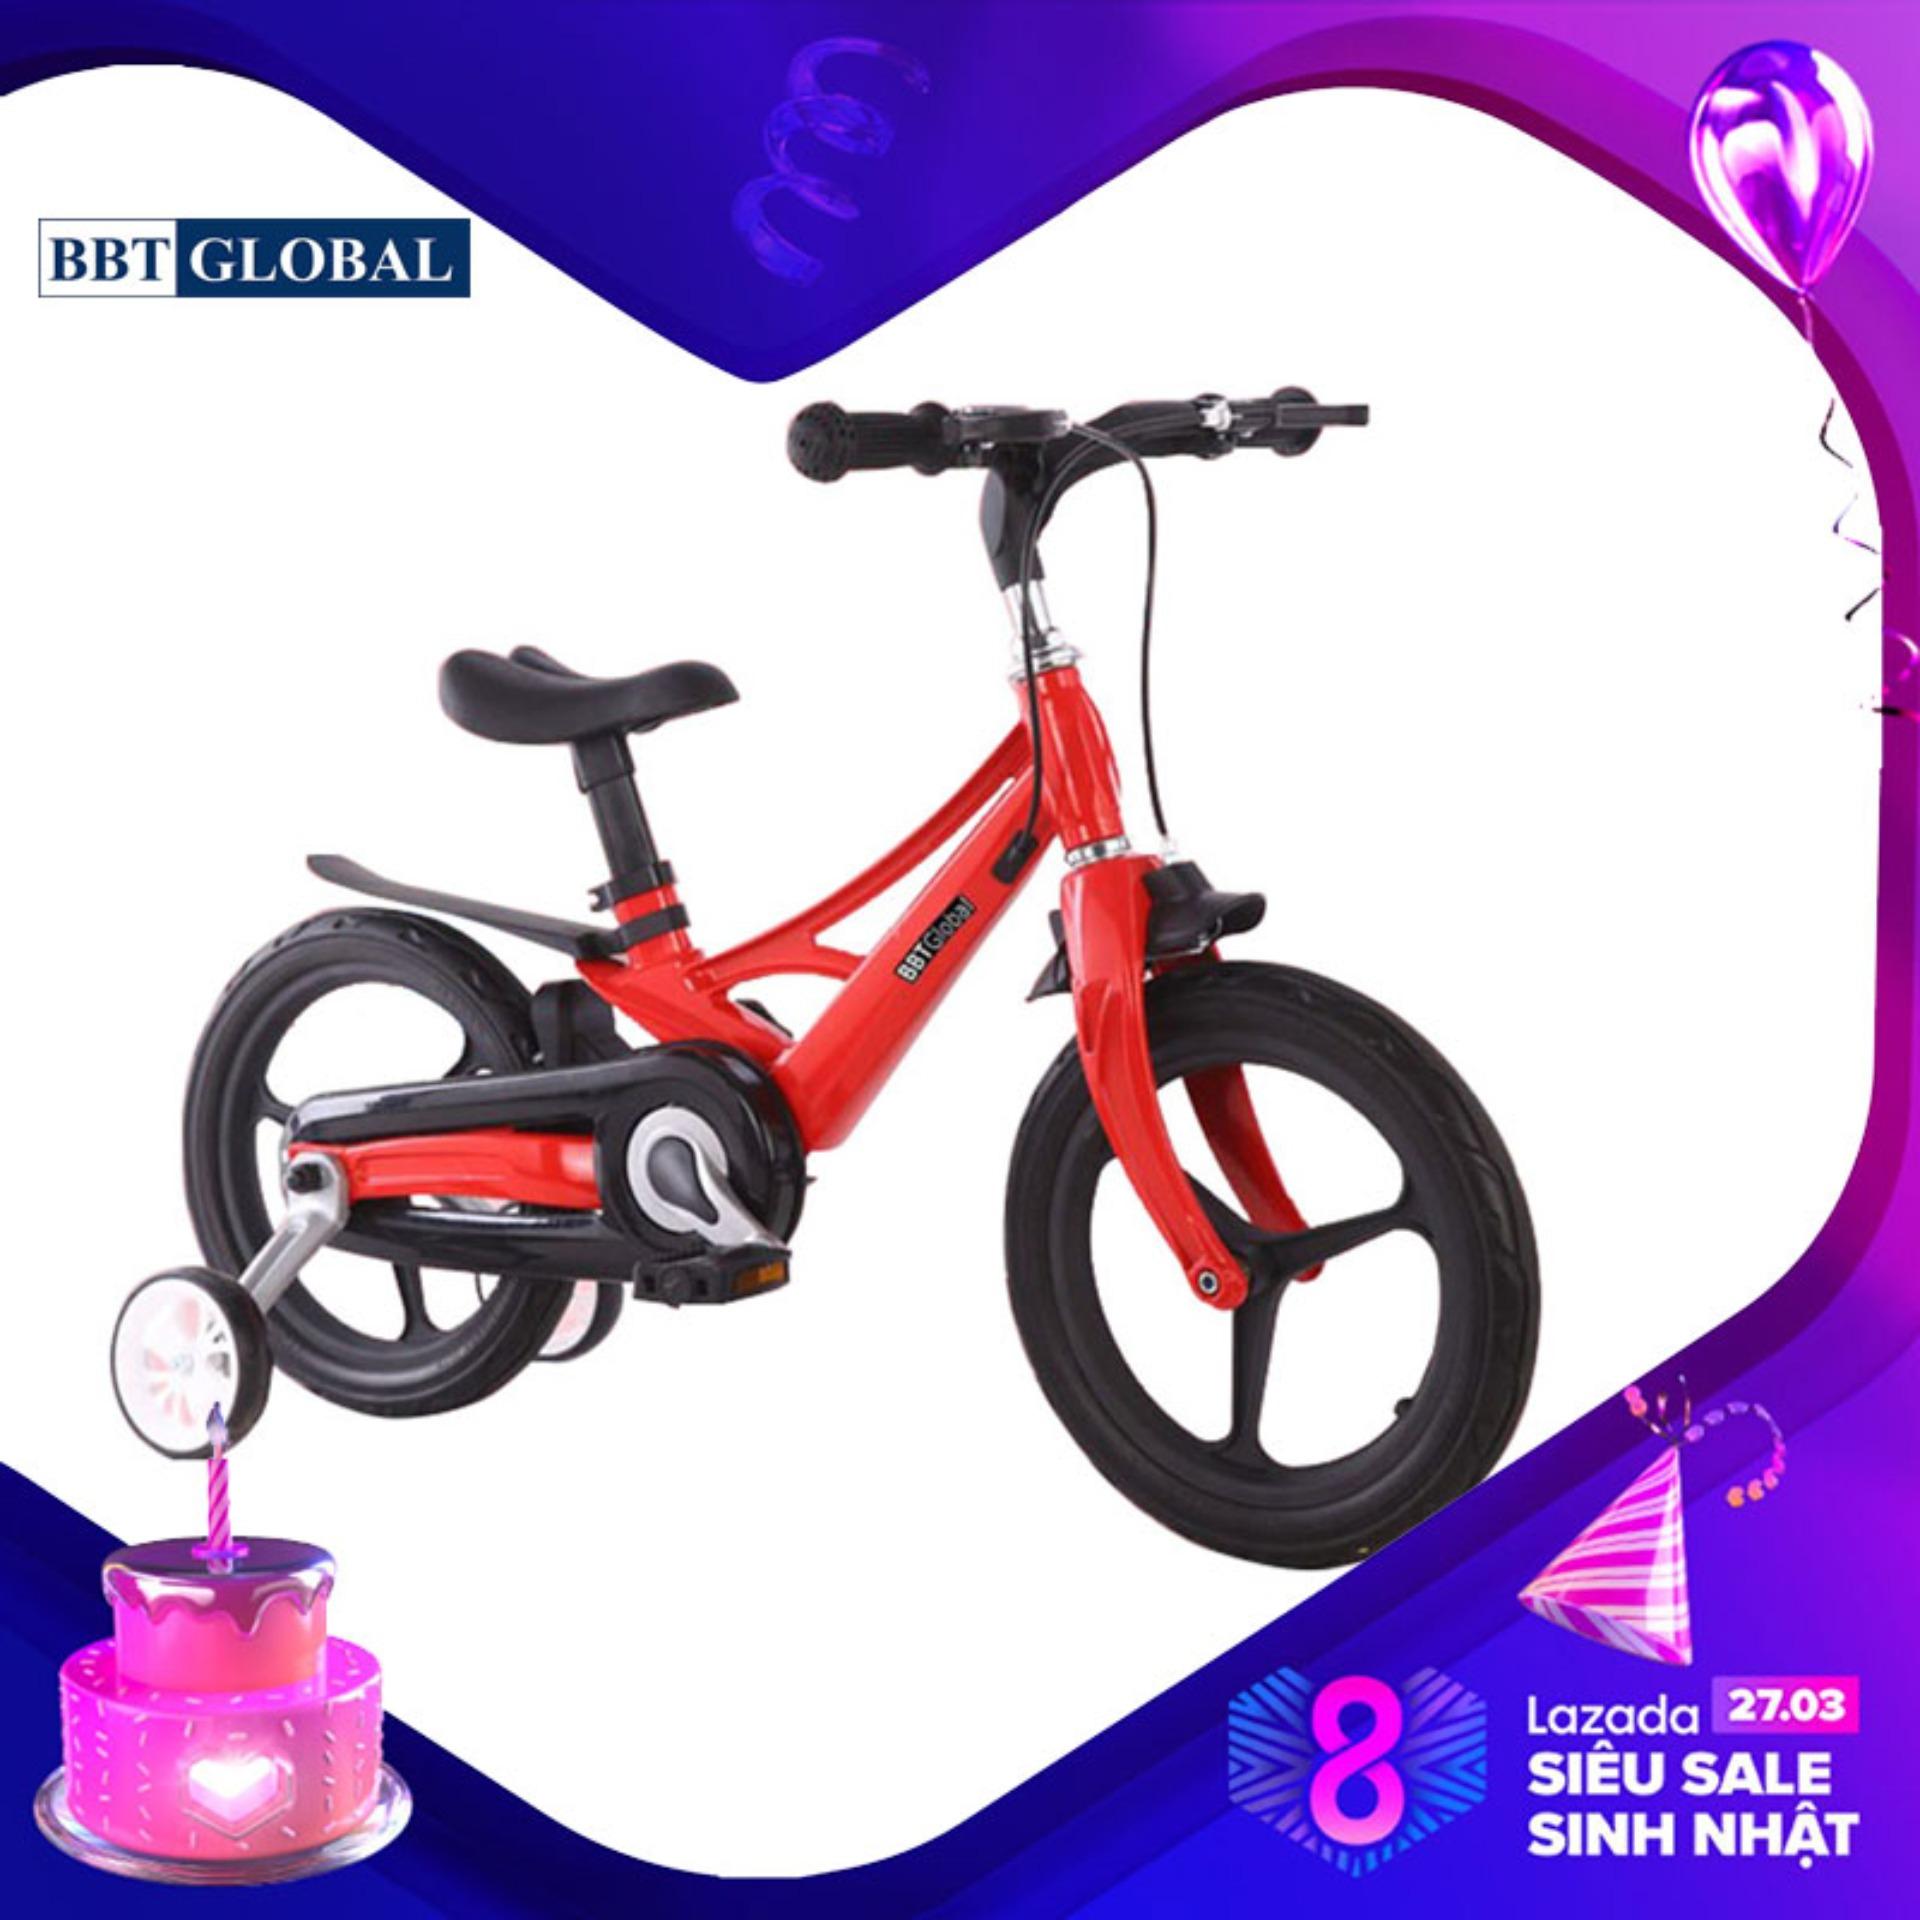 Giá bán Xe đạp trẻ em chính hãng BBT Global khung siêu nhẹ size 16 inch màu đỏ BB66-16D - xe đạp cho bé, xe tập đi, xe thăng bằng, do choi tre em, xe 4 bánh